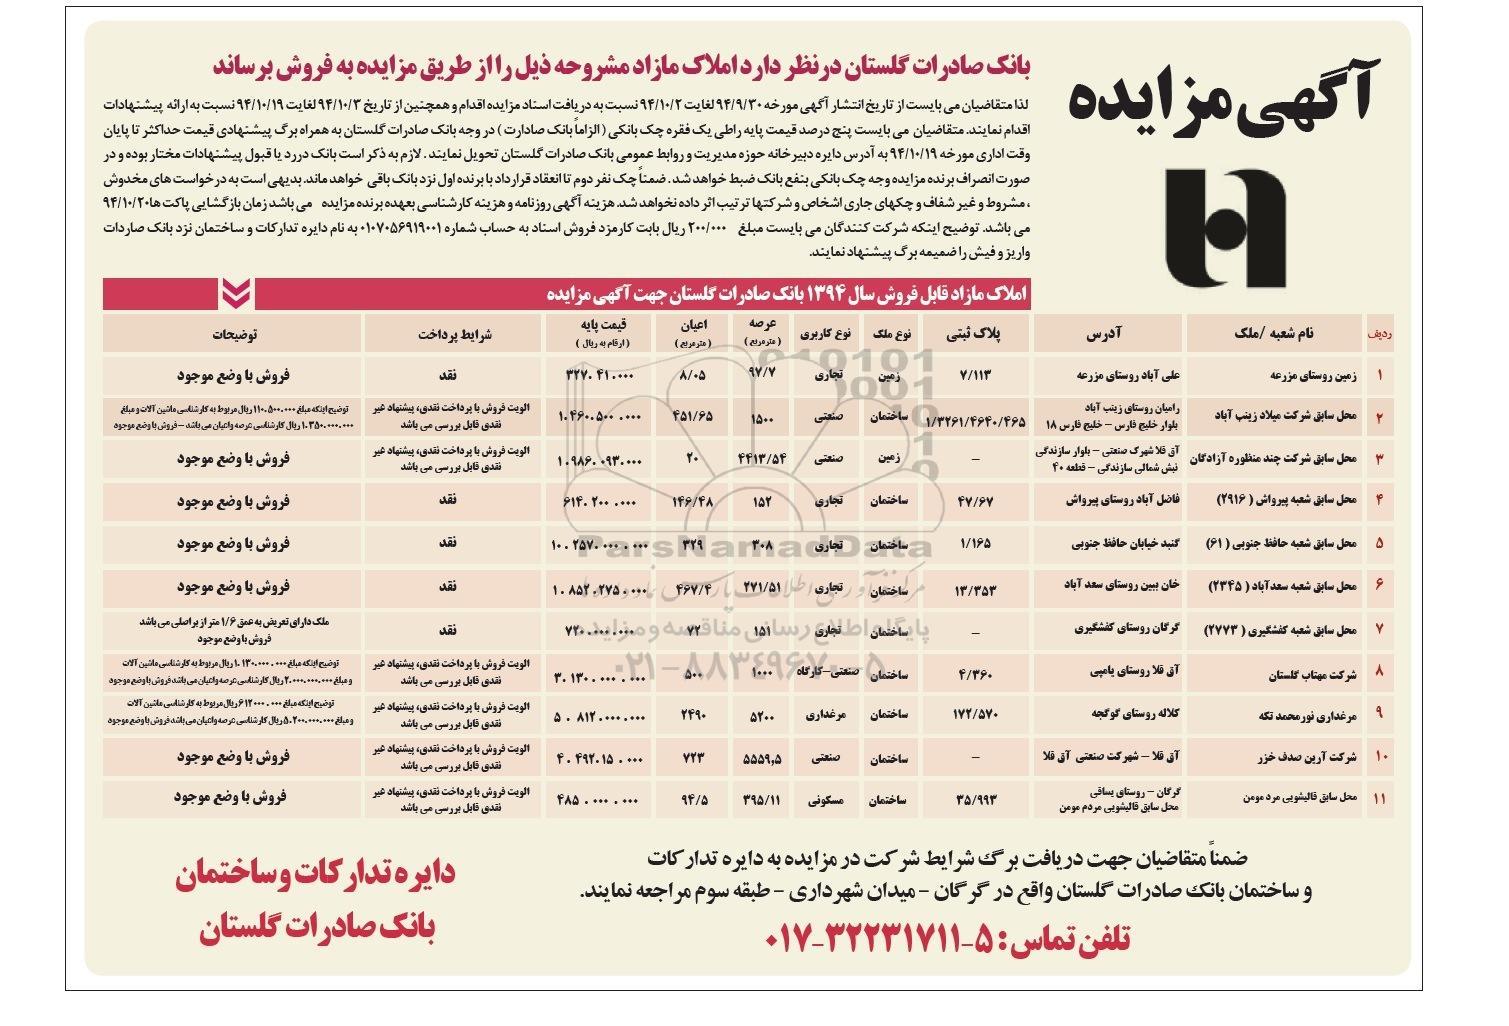 مزایده فروش املاک مازاد بانک صادرات